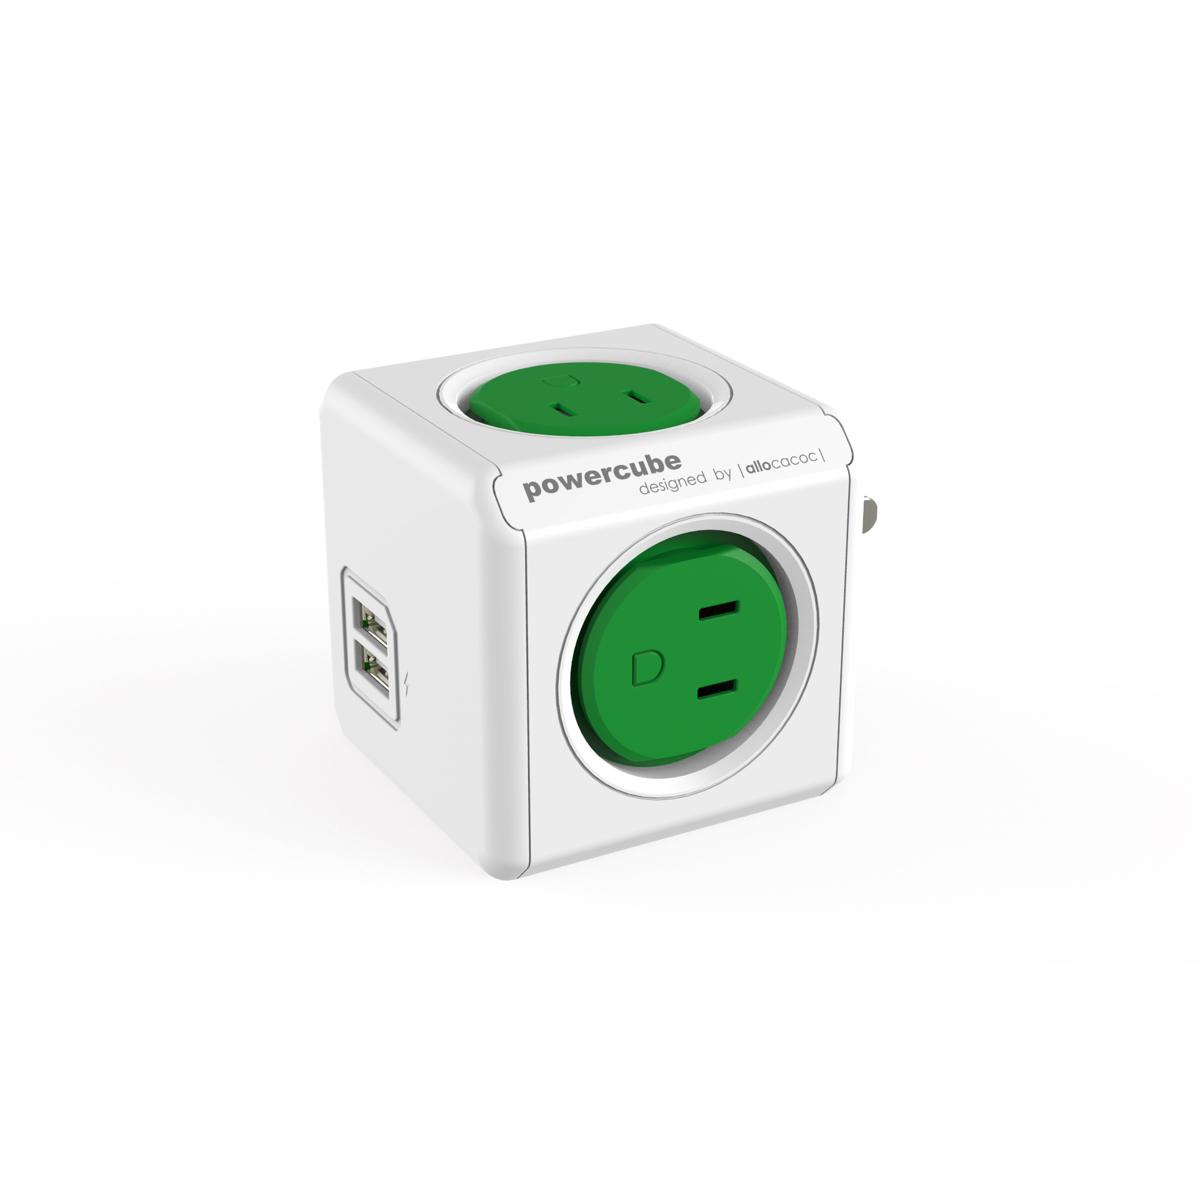 家庭内の電源を「設計」してみる|Original USB(USBポート付 / コードなし)- 必要なコンセント口数を決めることができ省スペース化可能なキューブ型電源タップ